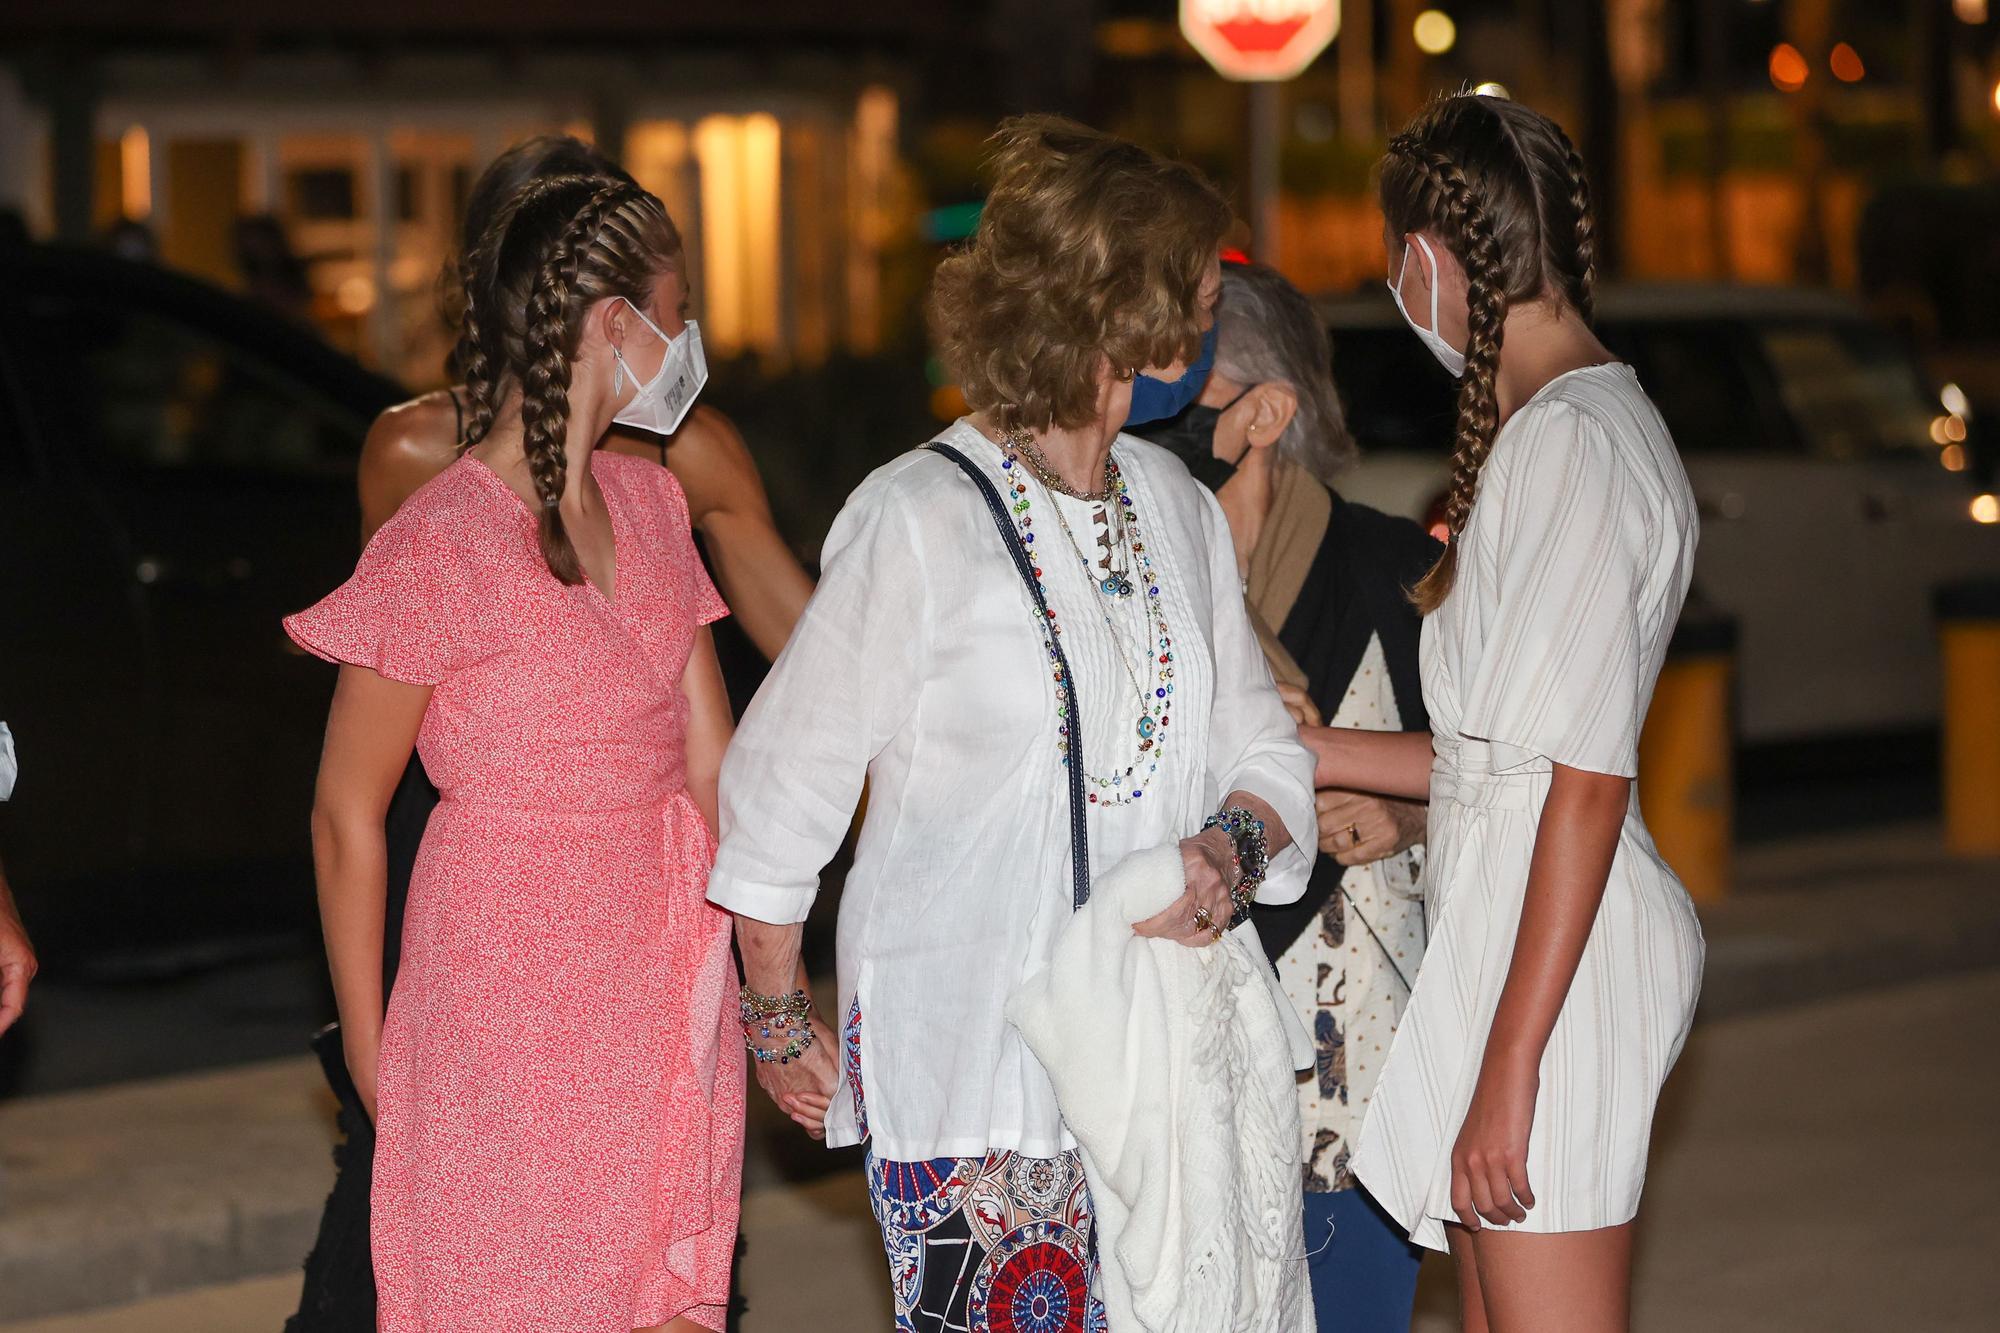 La reina Sofía reaparece en Palma de la mano de sus nietas en una cena de la Familia Real